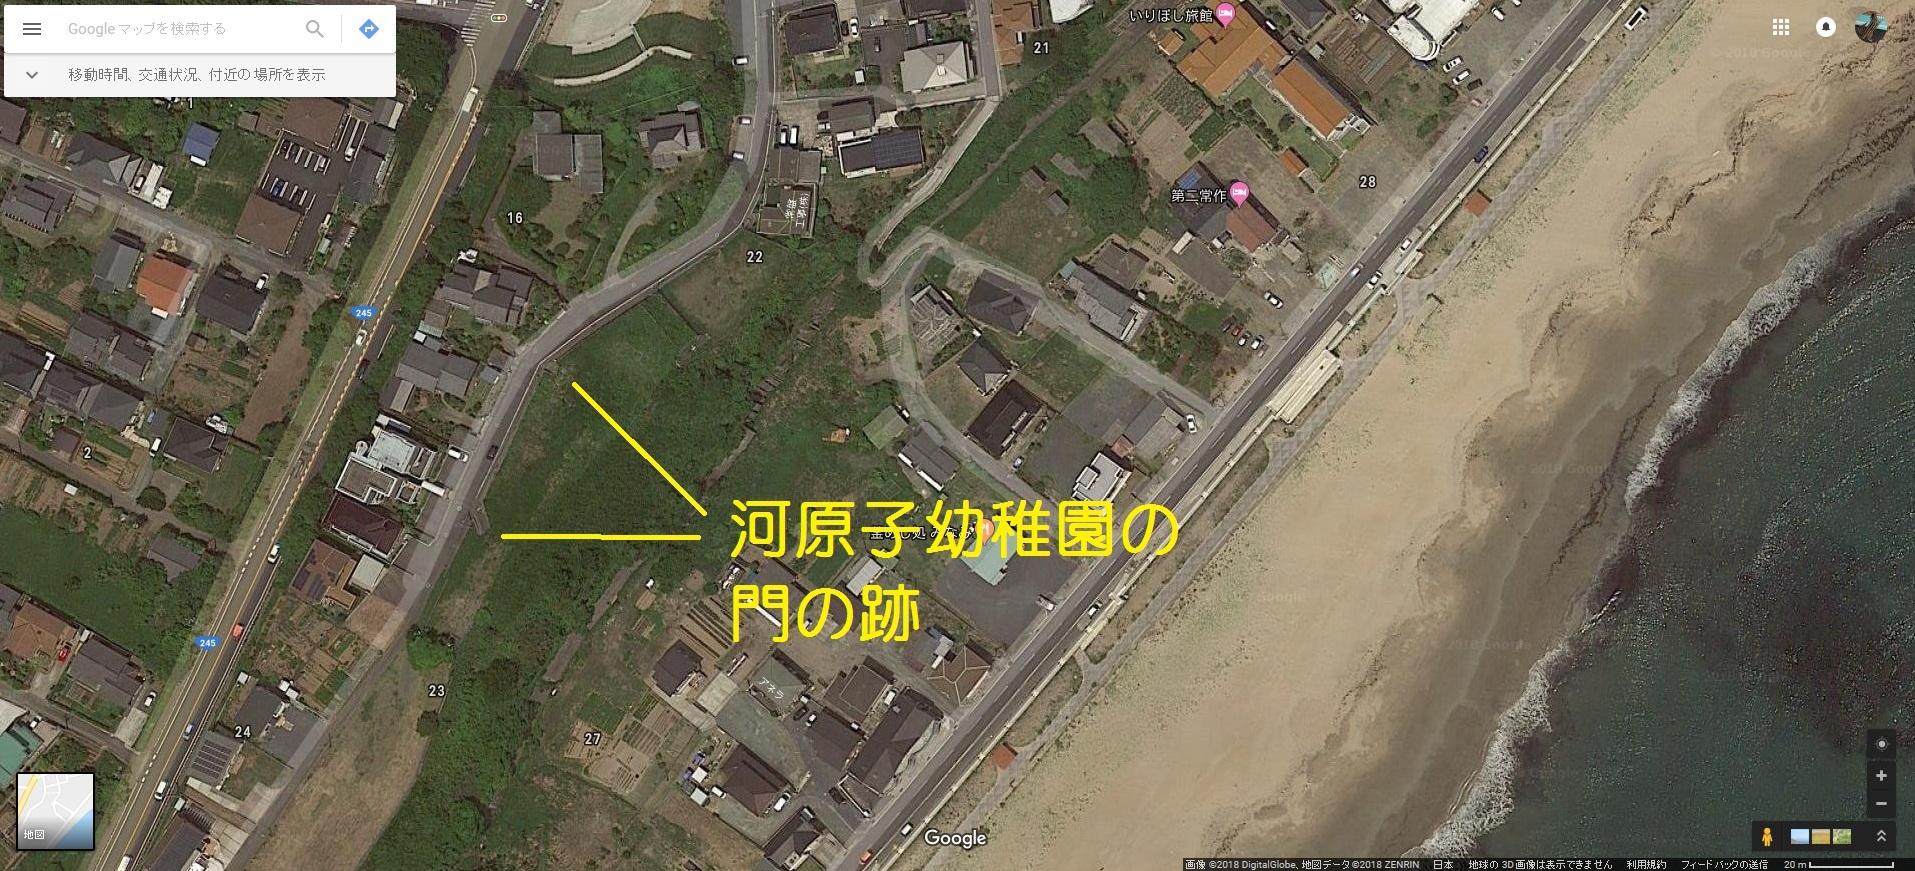 河原子幼稚園 地図(航空写真)門の跡